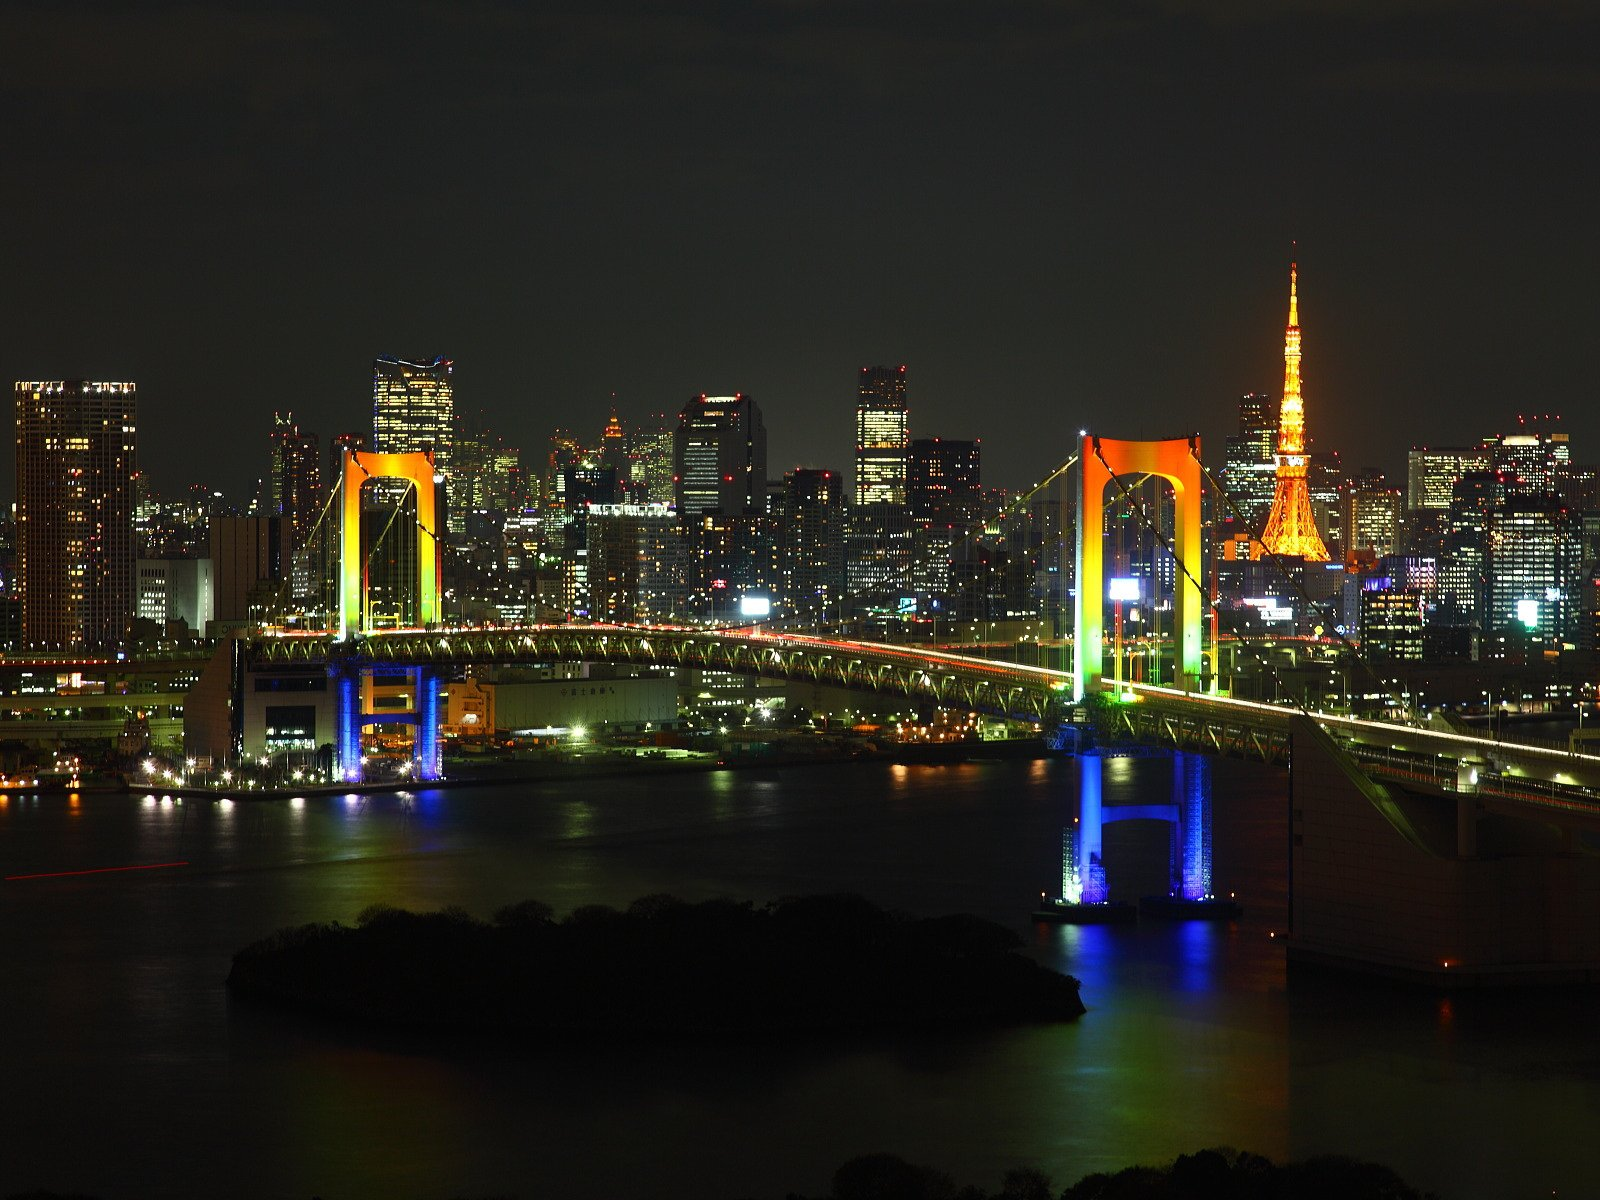 東京都のレインボーブリッジ에 대한 이미지 검색결과